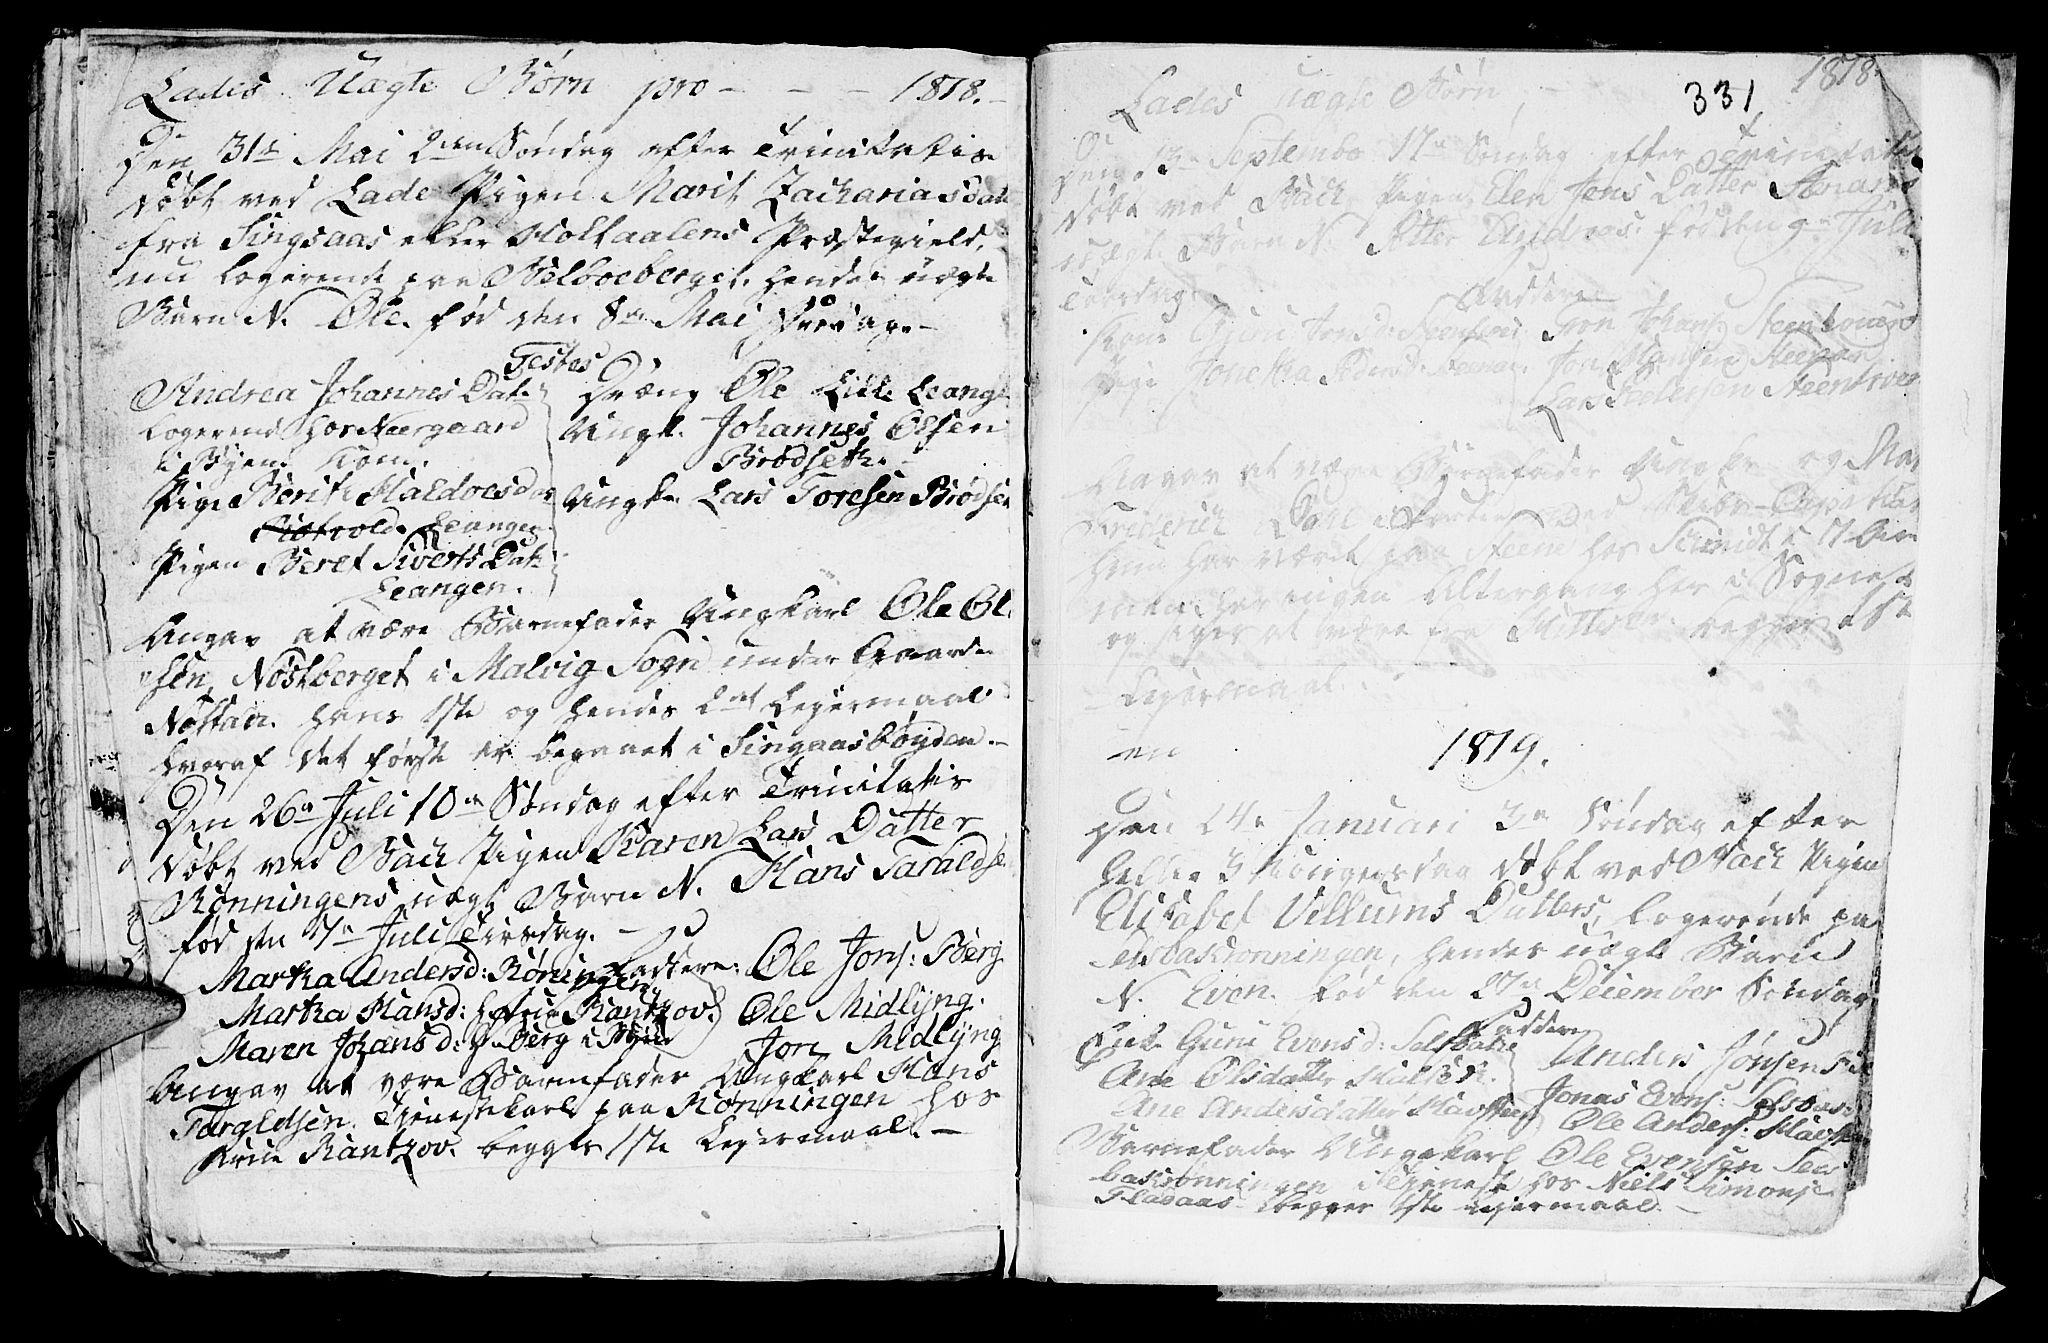 SAT, Ministerialprotokoller, klokkerbøker og fødselsregistre - Sør-Trøndelag, 606/L0305: Klokkerbok nr. 606C01, 1757-1819, s. 331